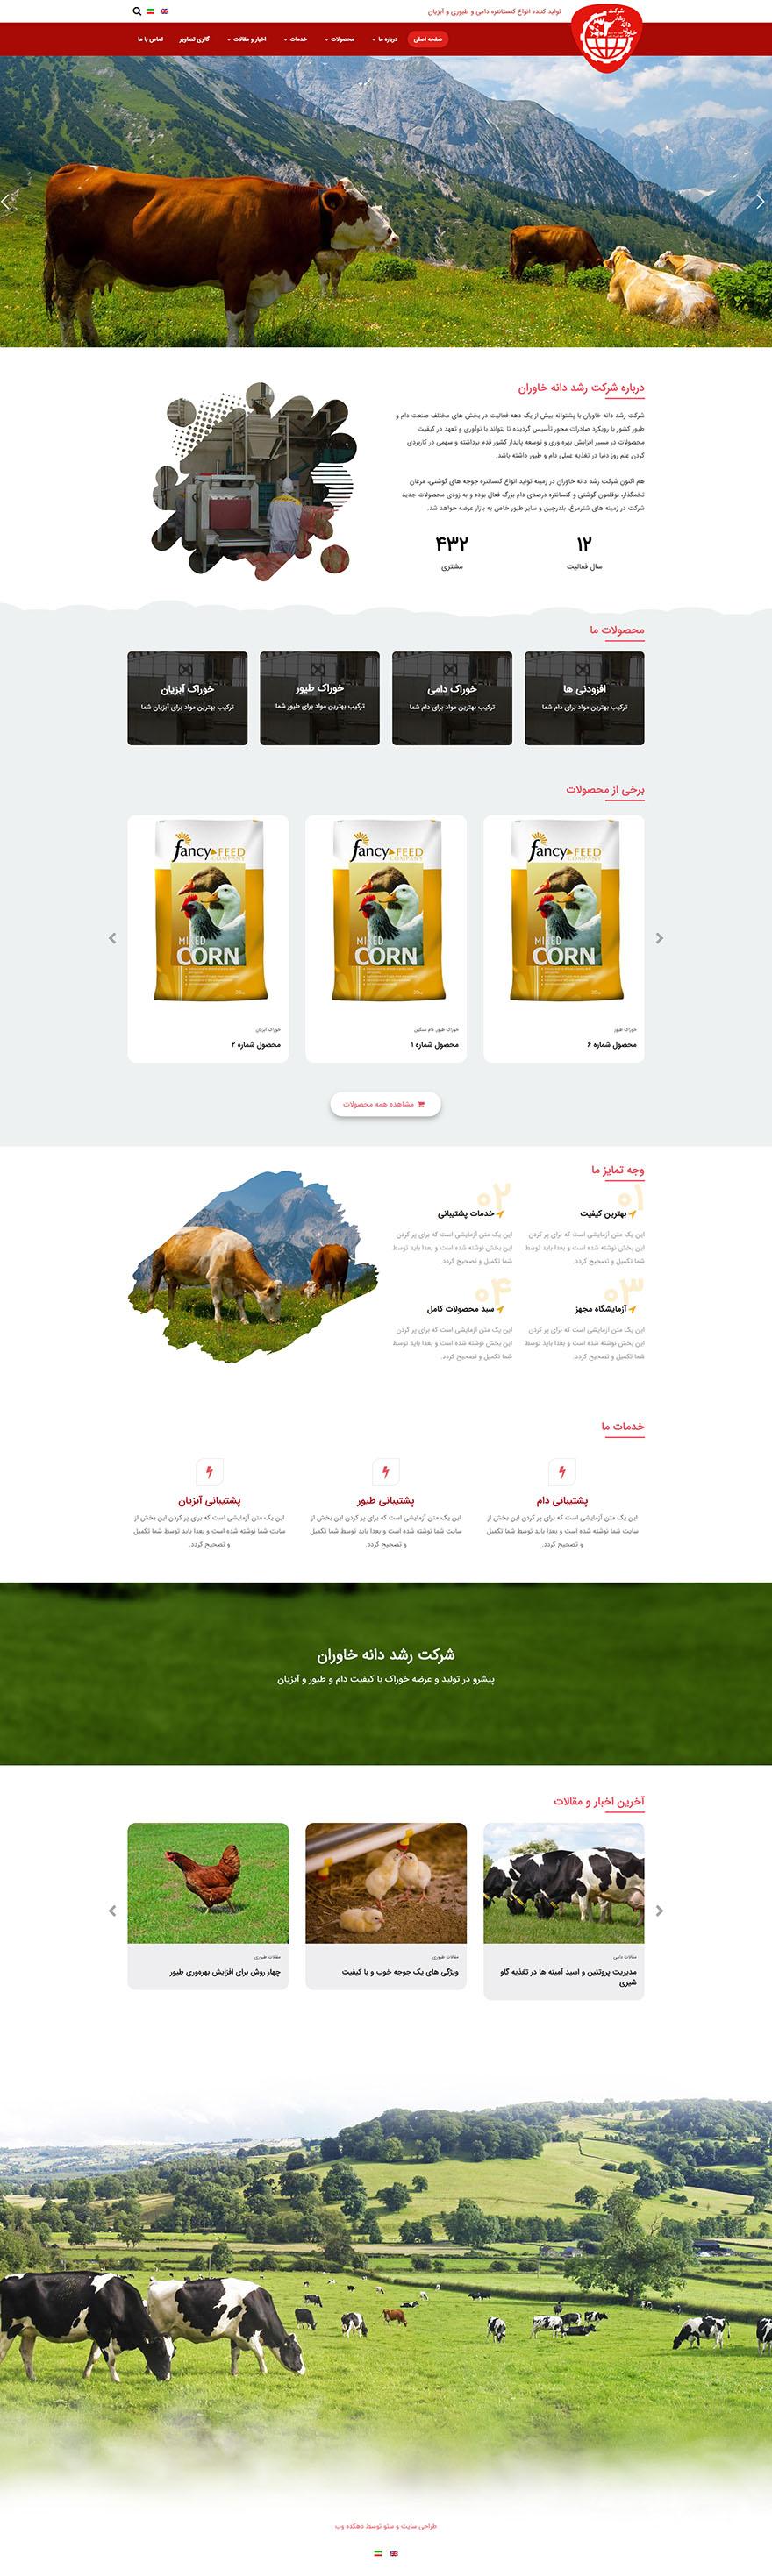 طراحی سایت شرکت دام و طیور خاوران